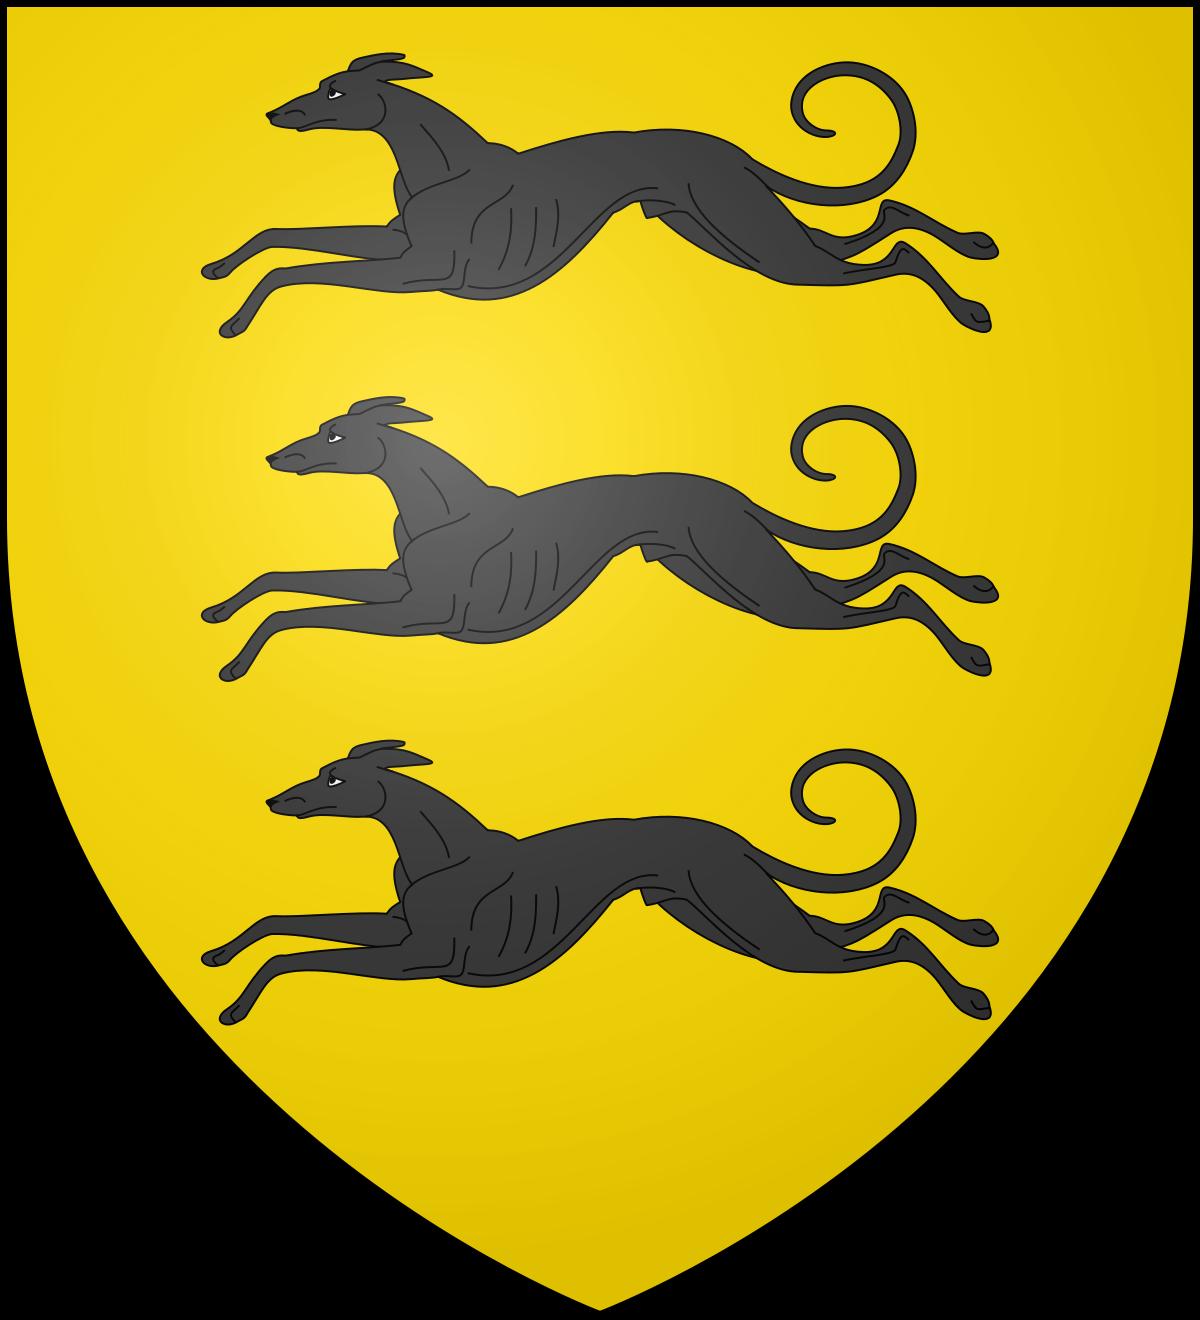 stemma-clagane